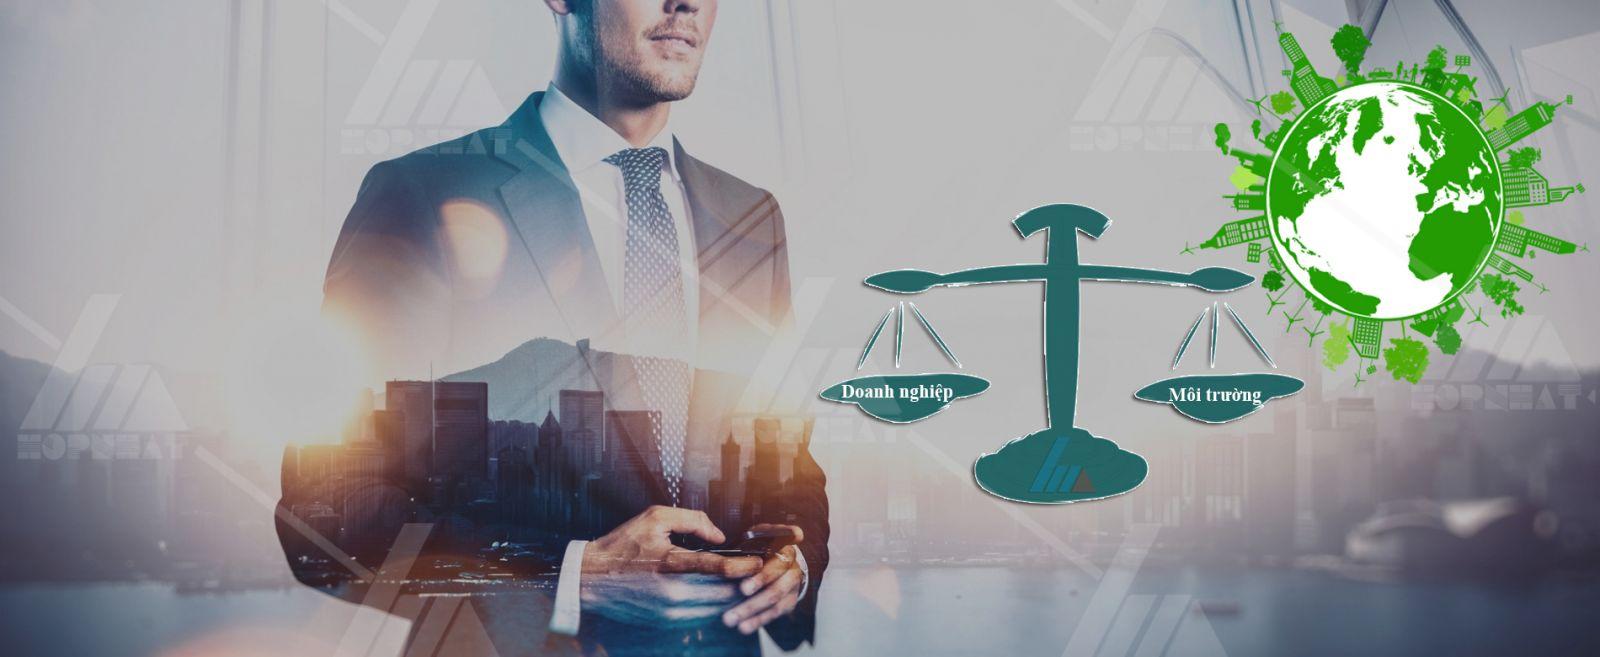 Luật môi trường trong kinh doanh